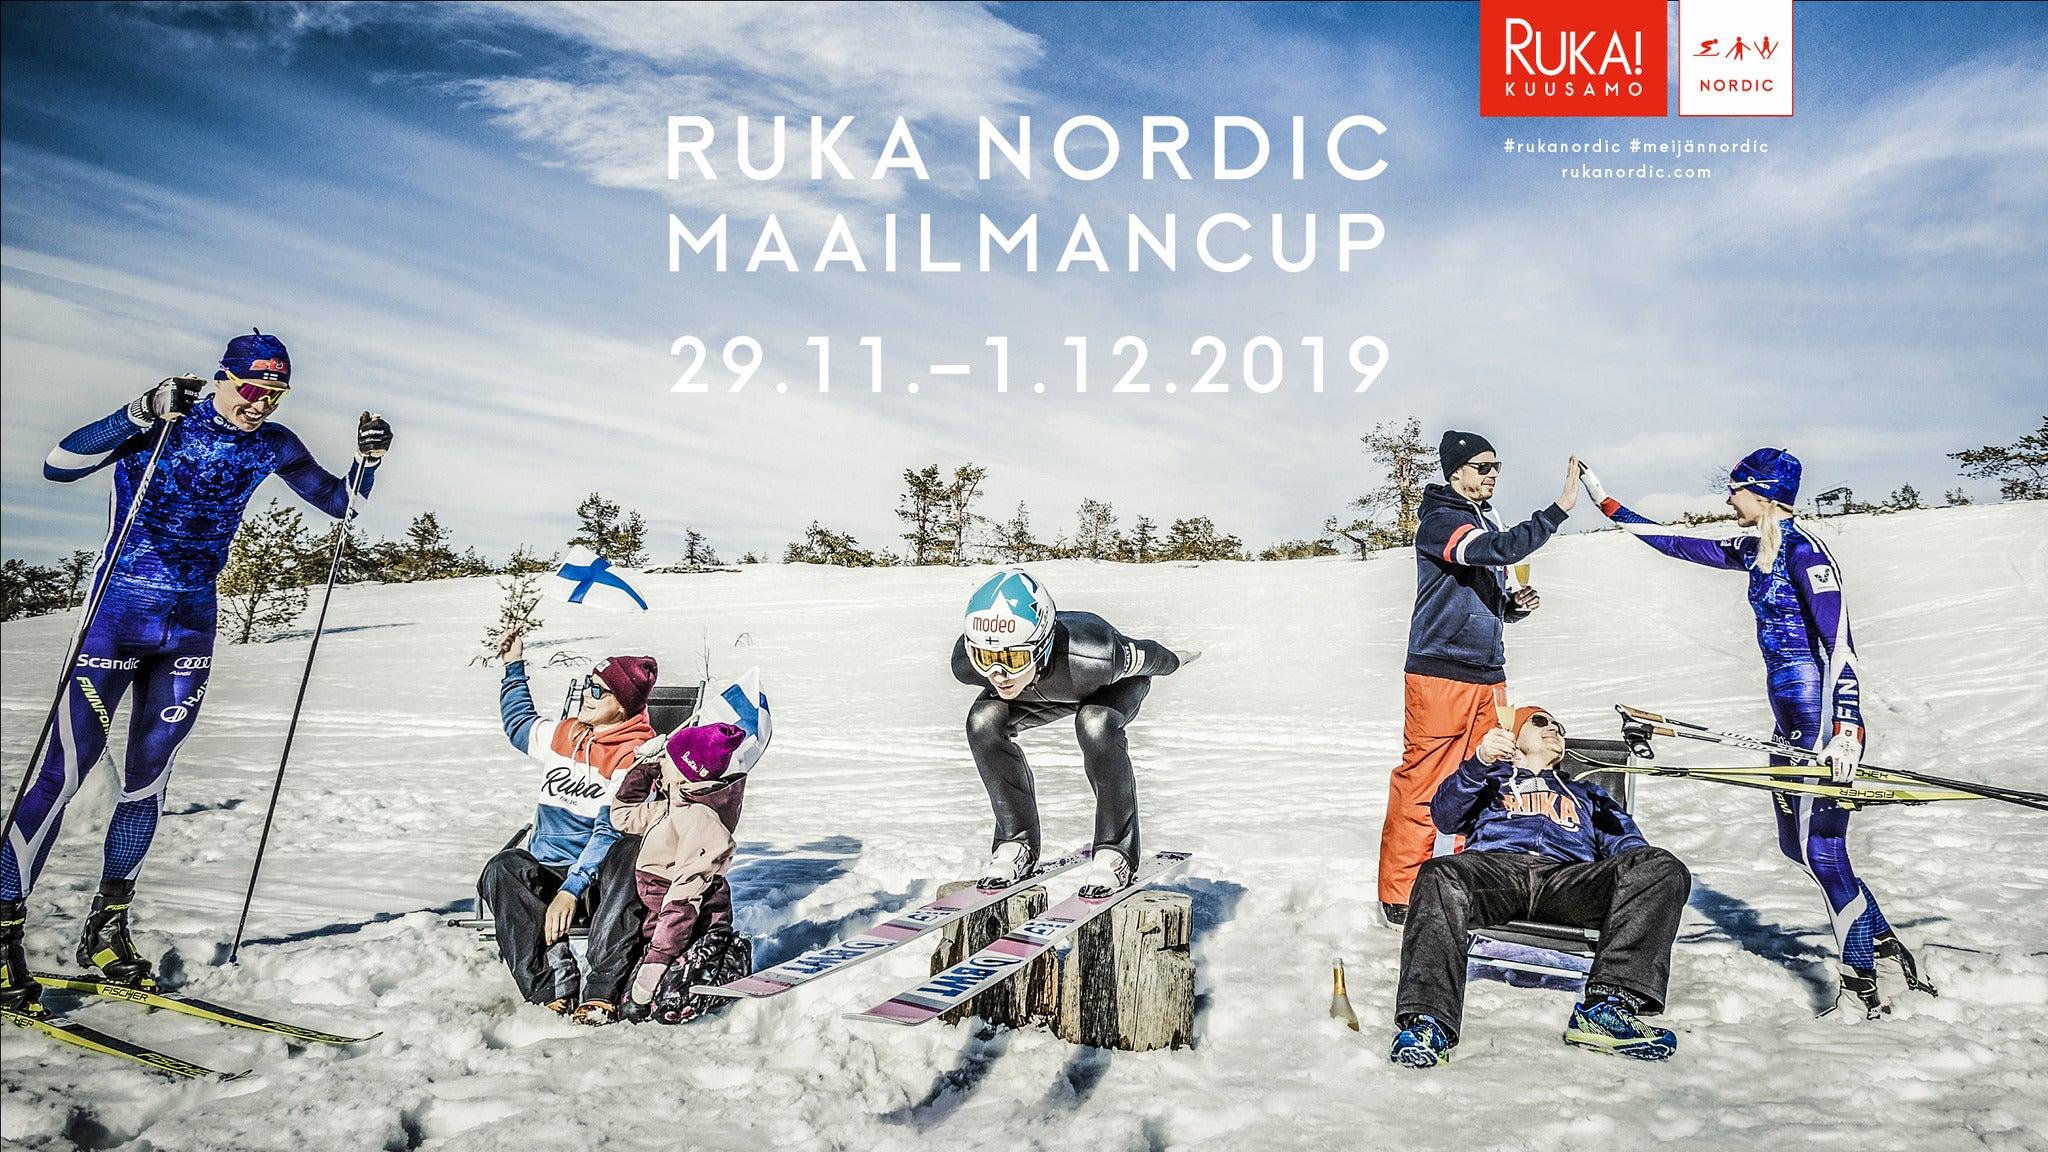 RUKA Nordic 2019